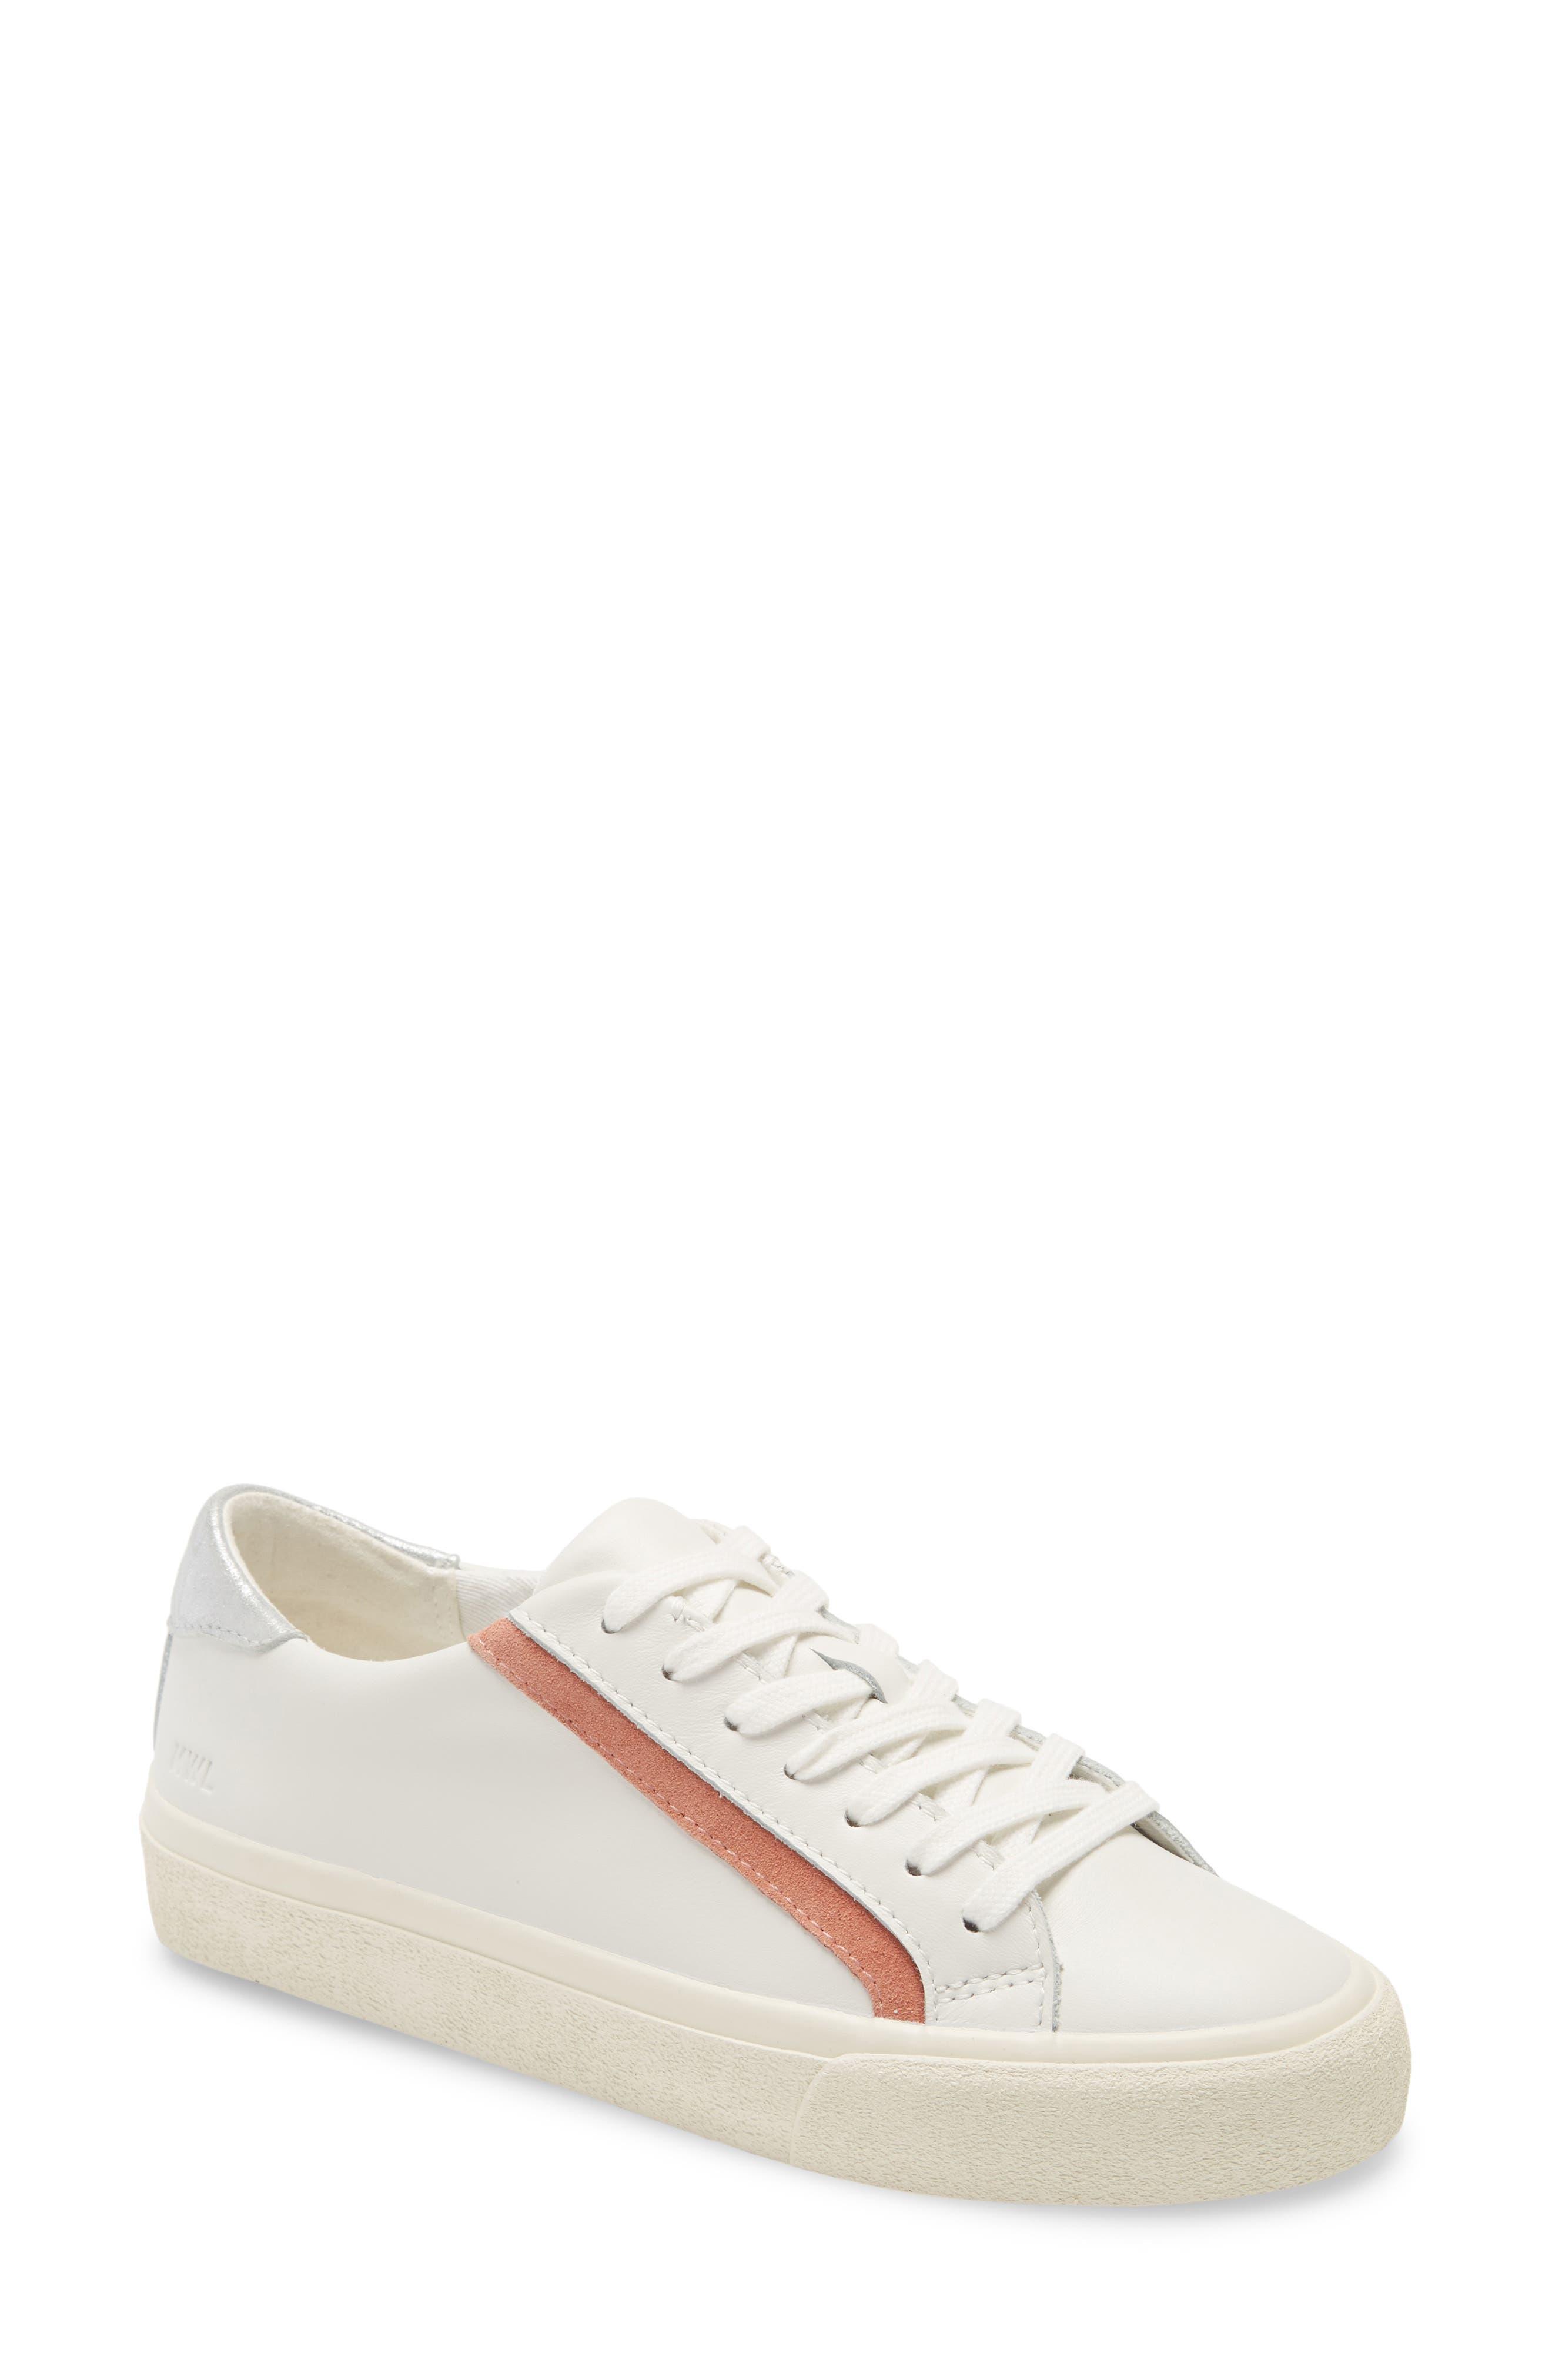 Image of Madewell Delia Sidewalk Low Top Sneaker